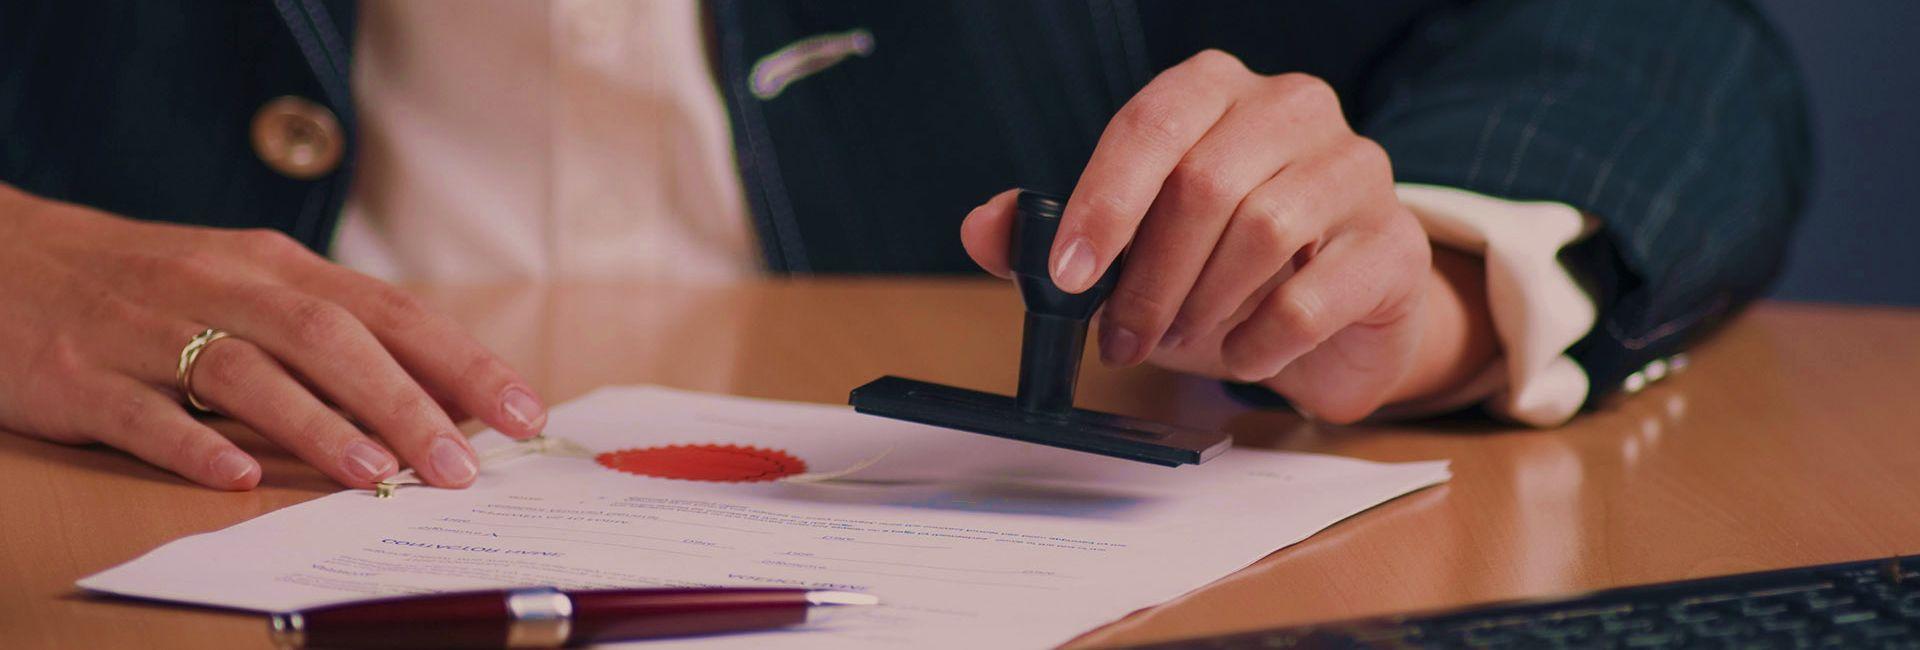 Оформление разрешительных документов для таможенного оформления, сертификатов и деклараций соответствия.